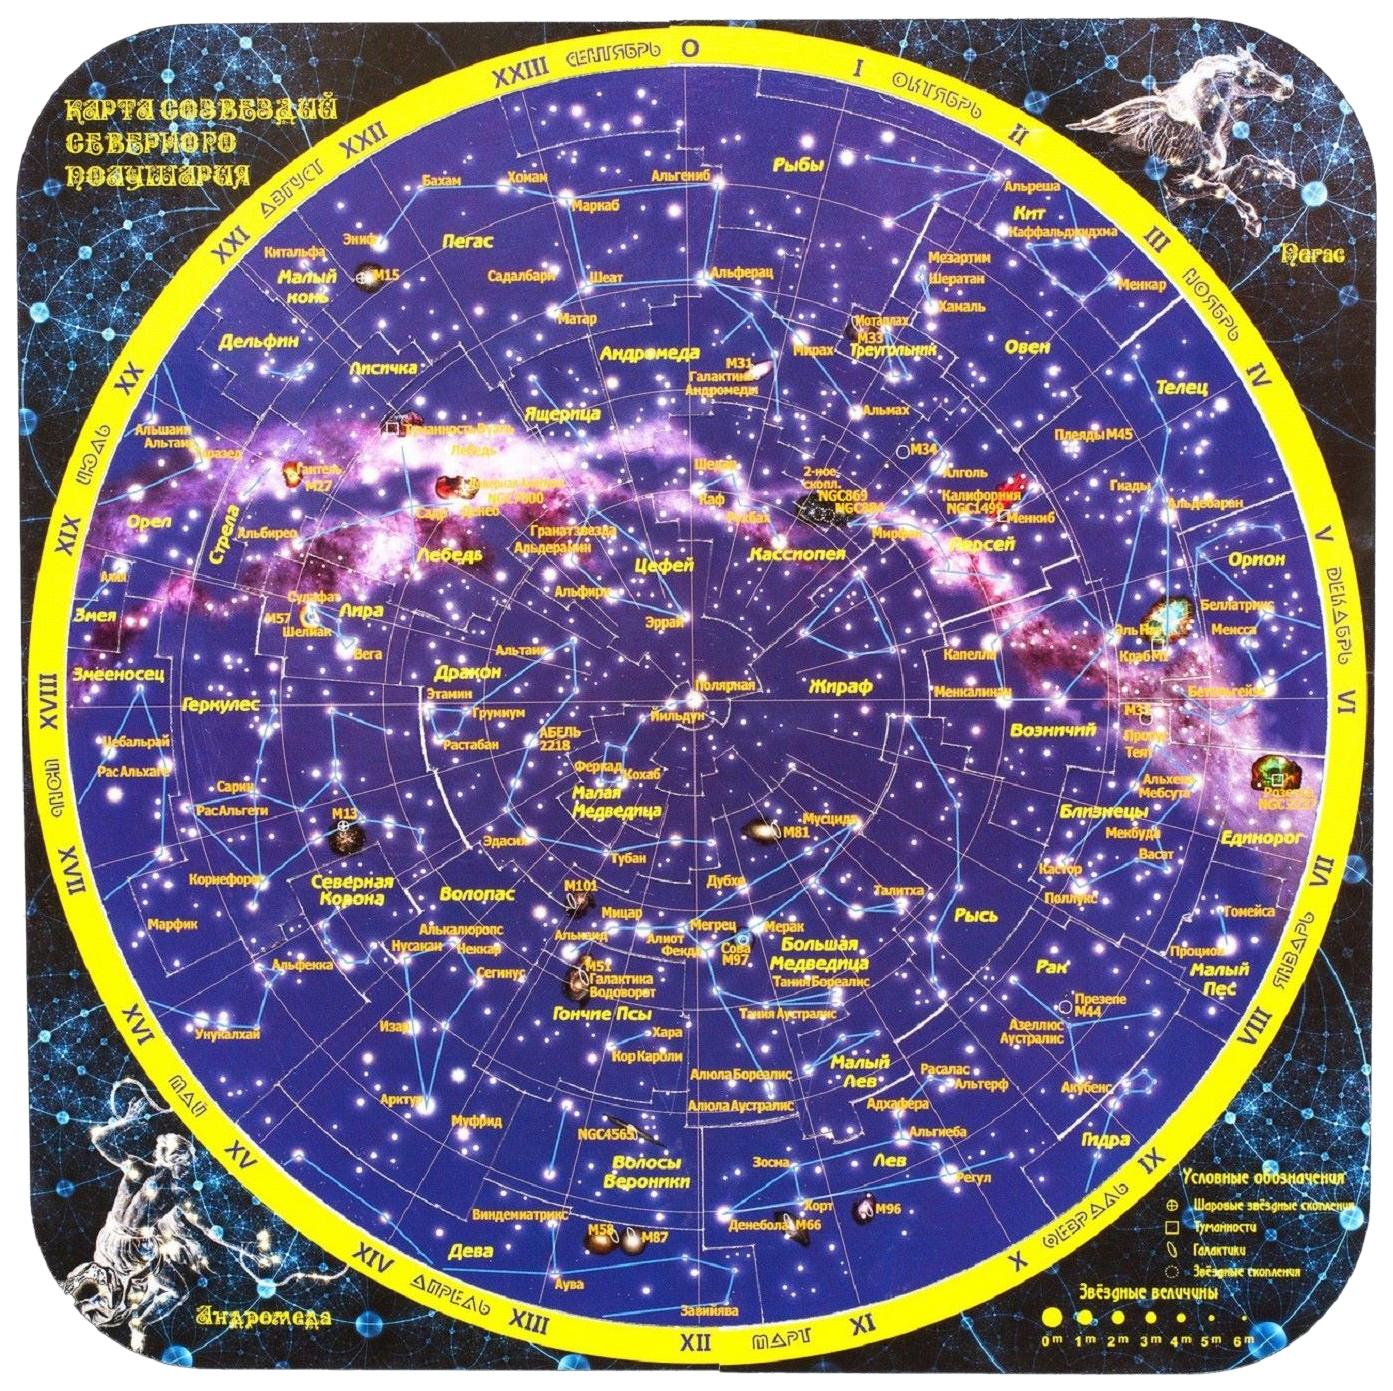 Купить Пазлы Геомагнит Карта созвездий северного полушария Магнитный 42 элемента